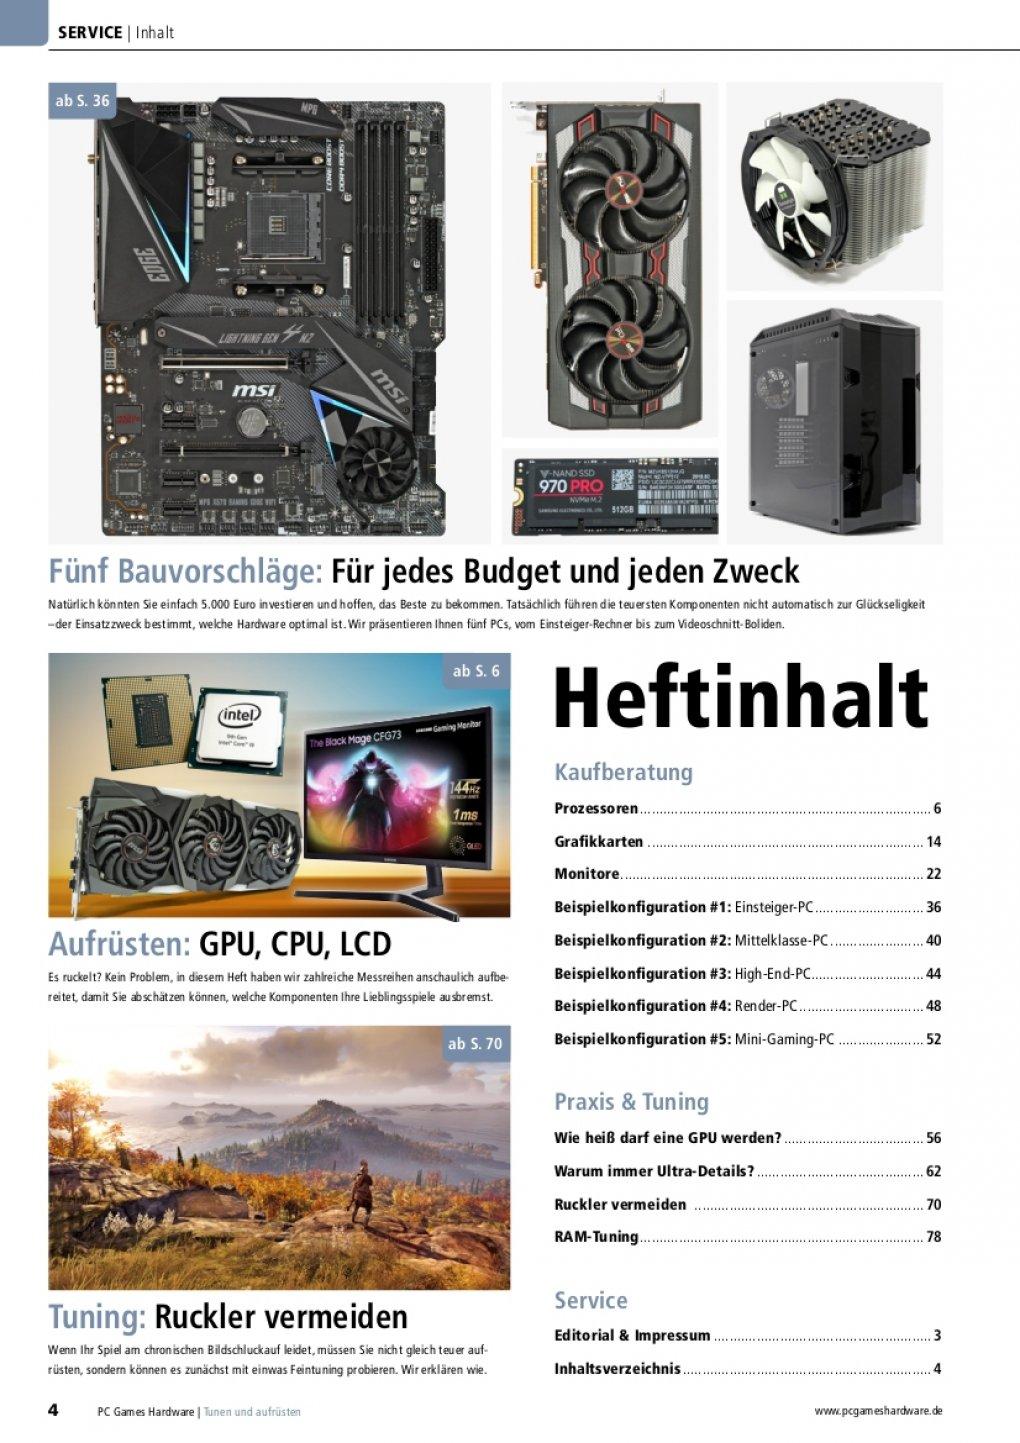 PCGH-Sonderheft 'PC 2020': PC tunen, neu bauen oder aufrüsten? (1)